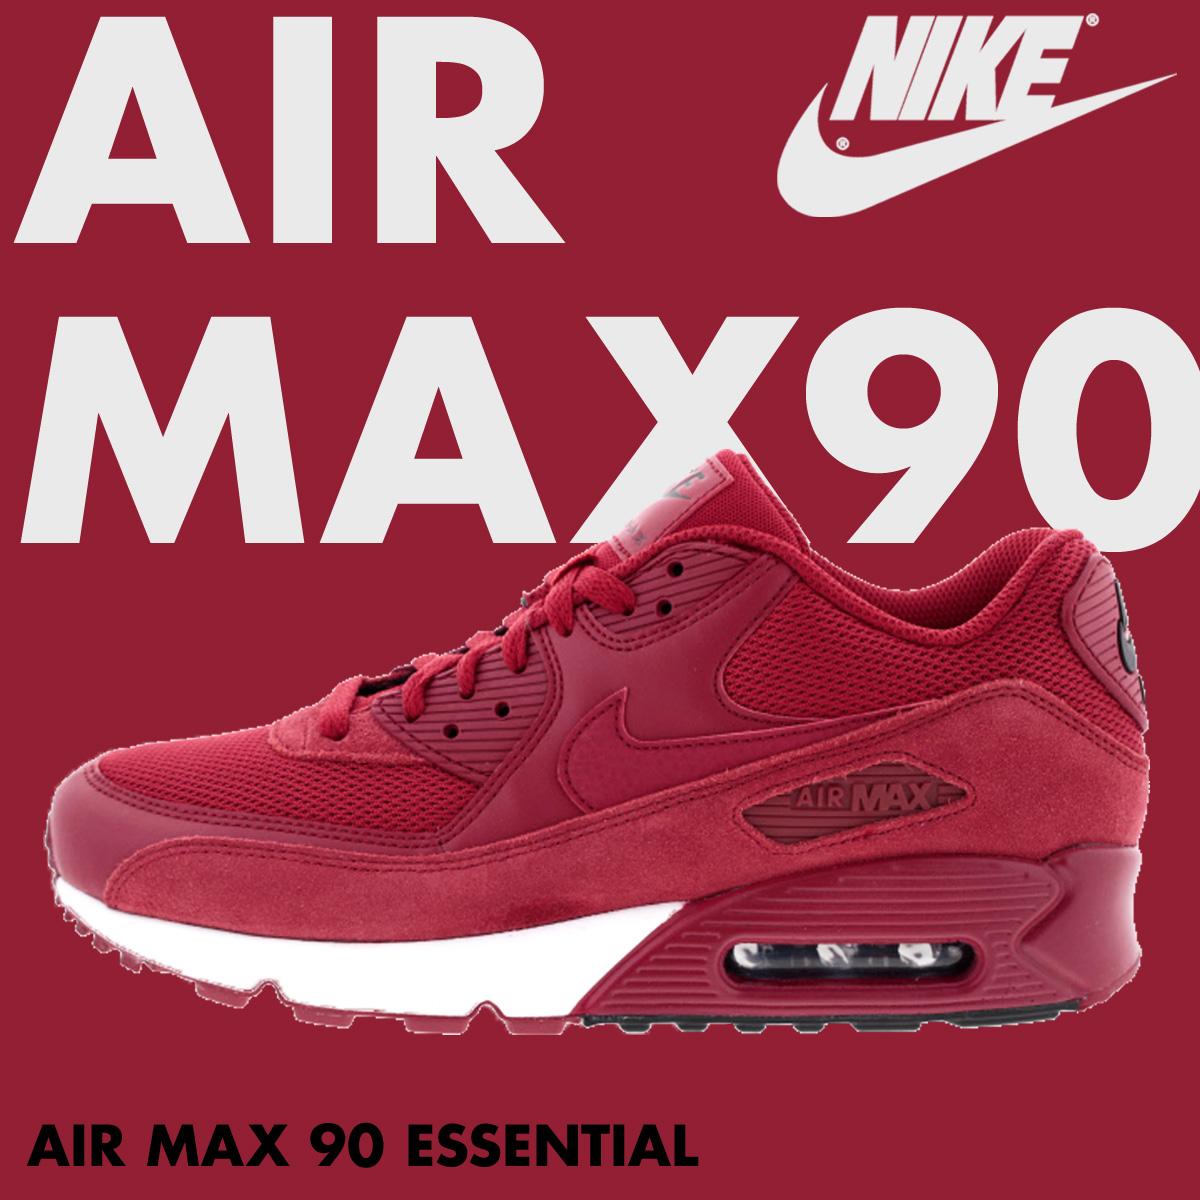 44afbadb18 ... NIKE Kie Ney AMAX men sneakers AIR MAX 90 ESSENTIAL 537,384-604 shoes  red ...